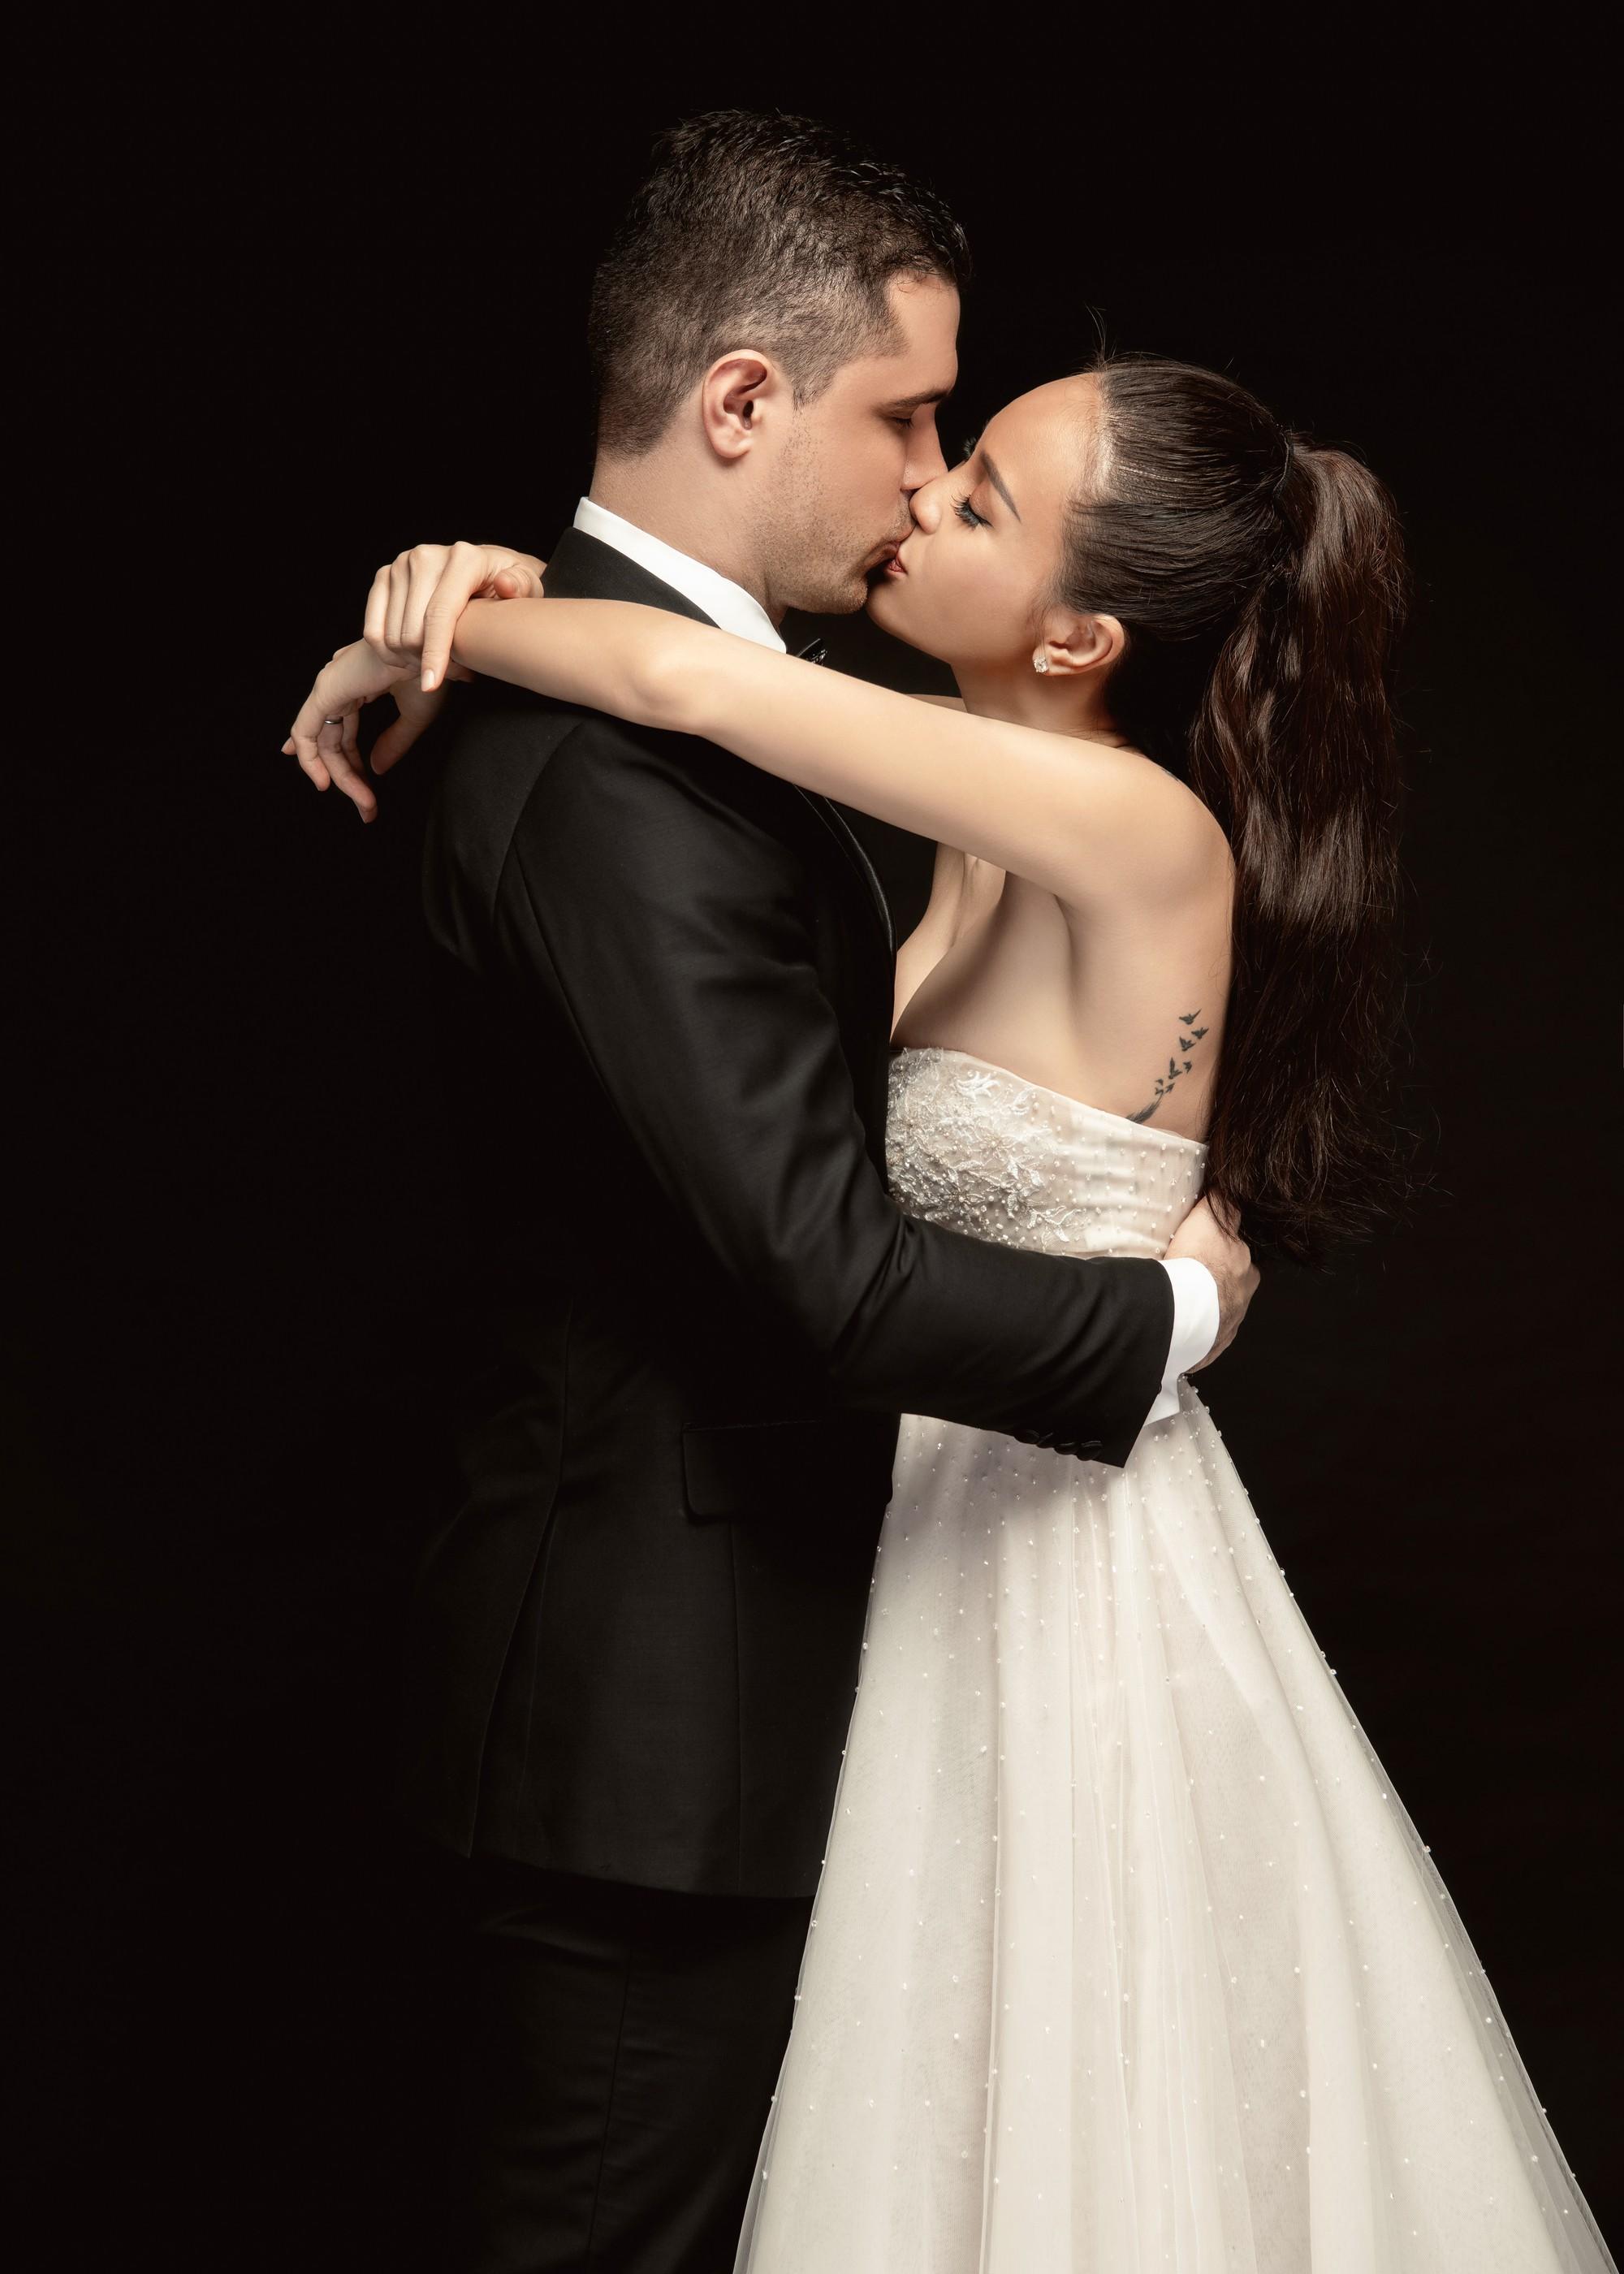 Siêu mẫu Phương Mai khoá môi ông xã Tây cực ngọt ngào trong bộ ảnh cưới trước ngày lên xe hoa - Ảnh 6.